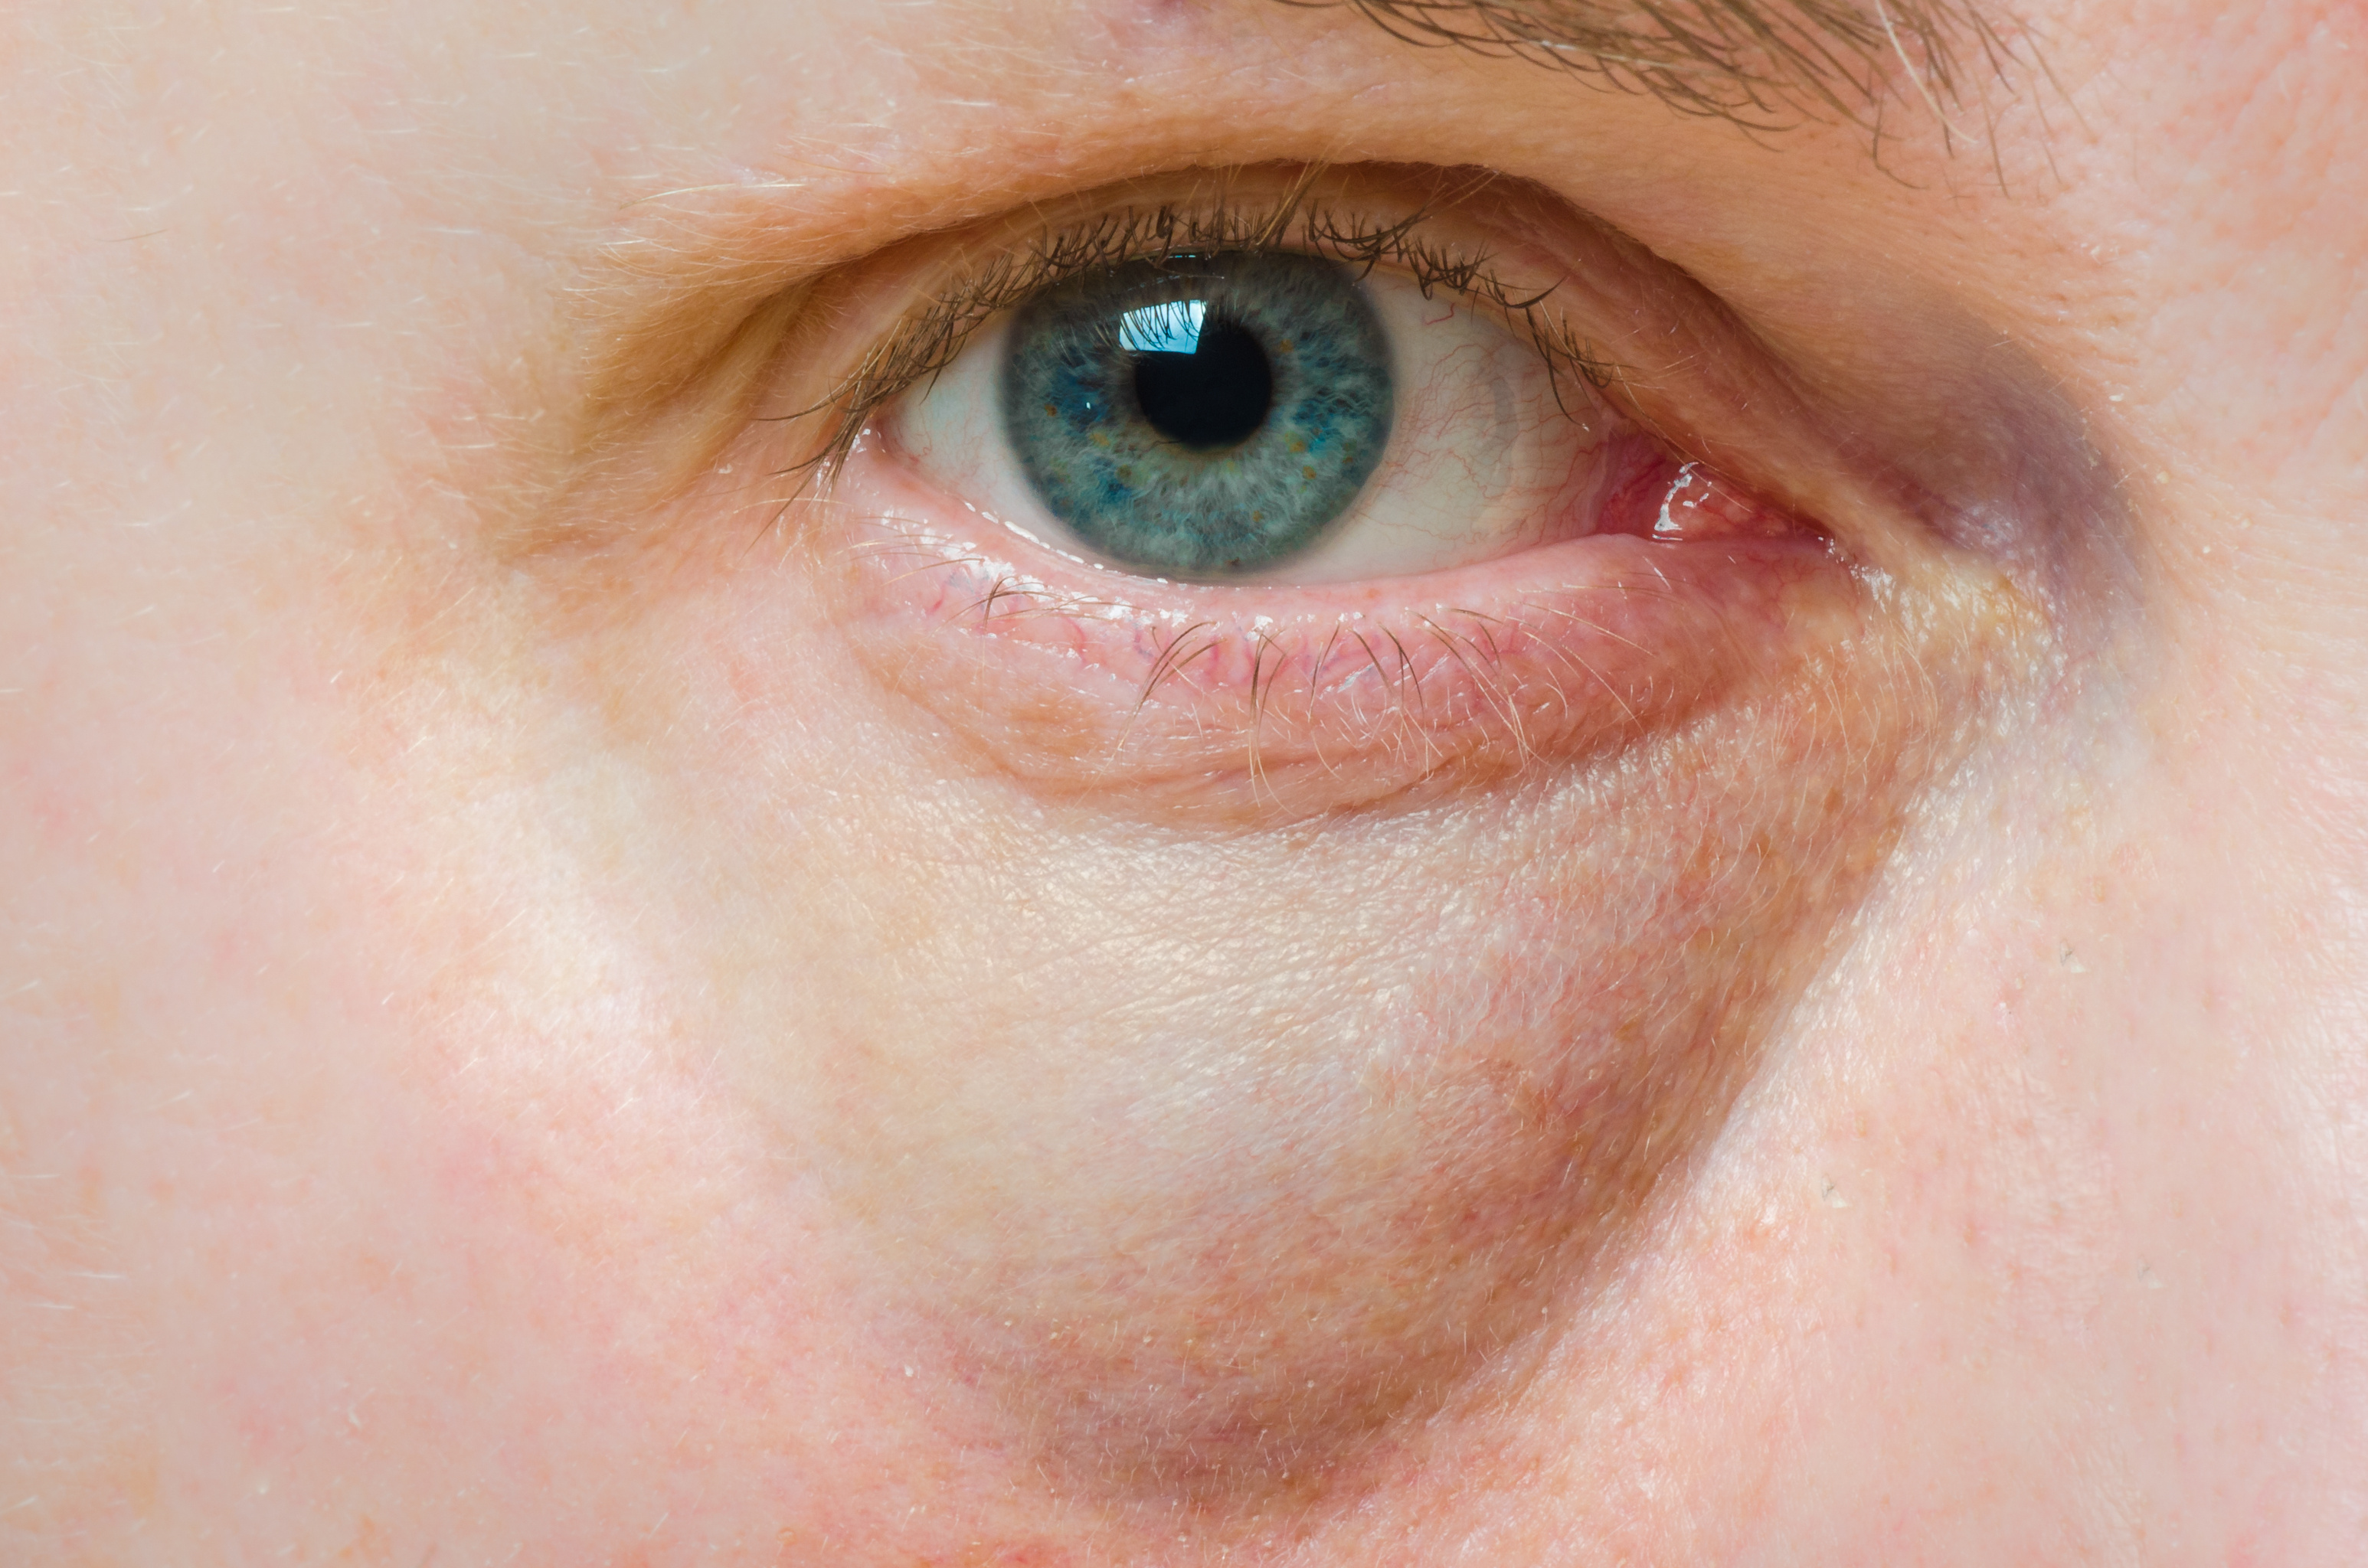 vörös foltok a szem alatt a bőrön